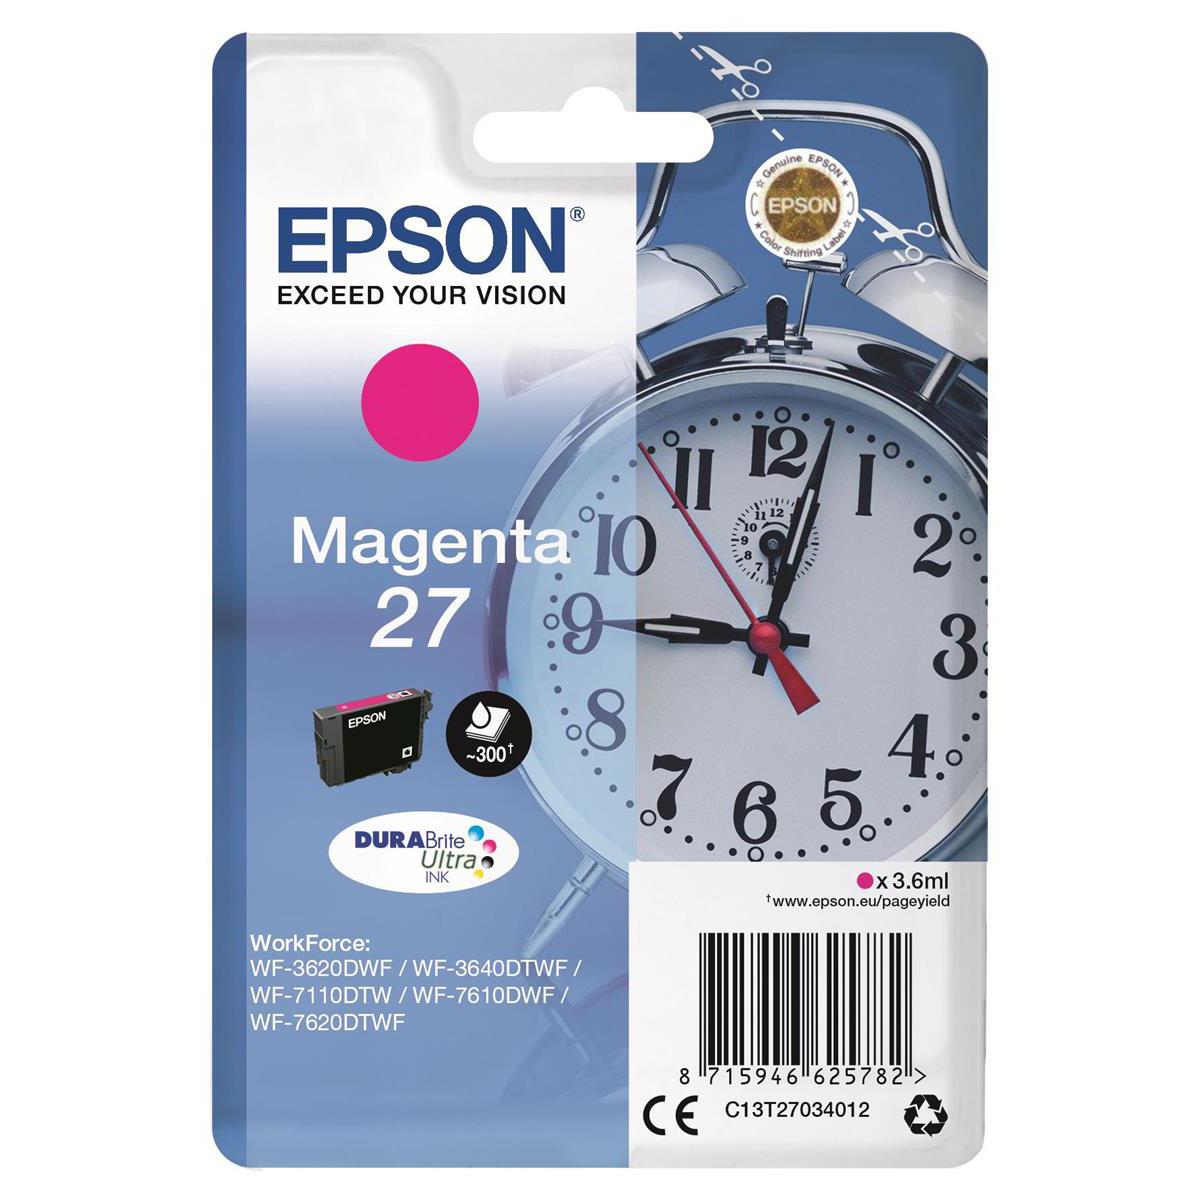 Epson 27 InkJetCart Magenta C13T27034012